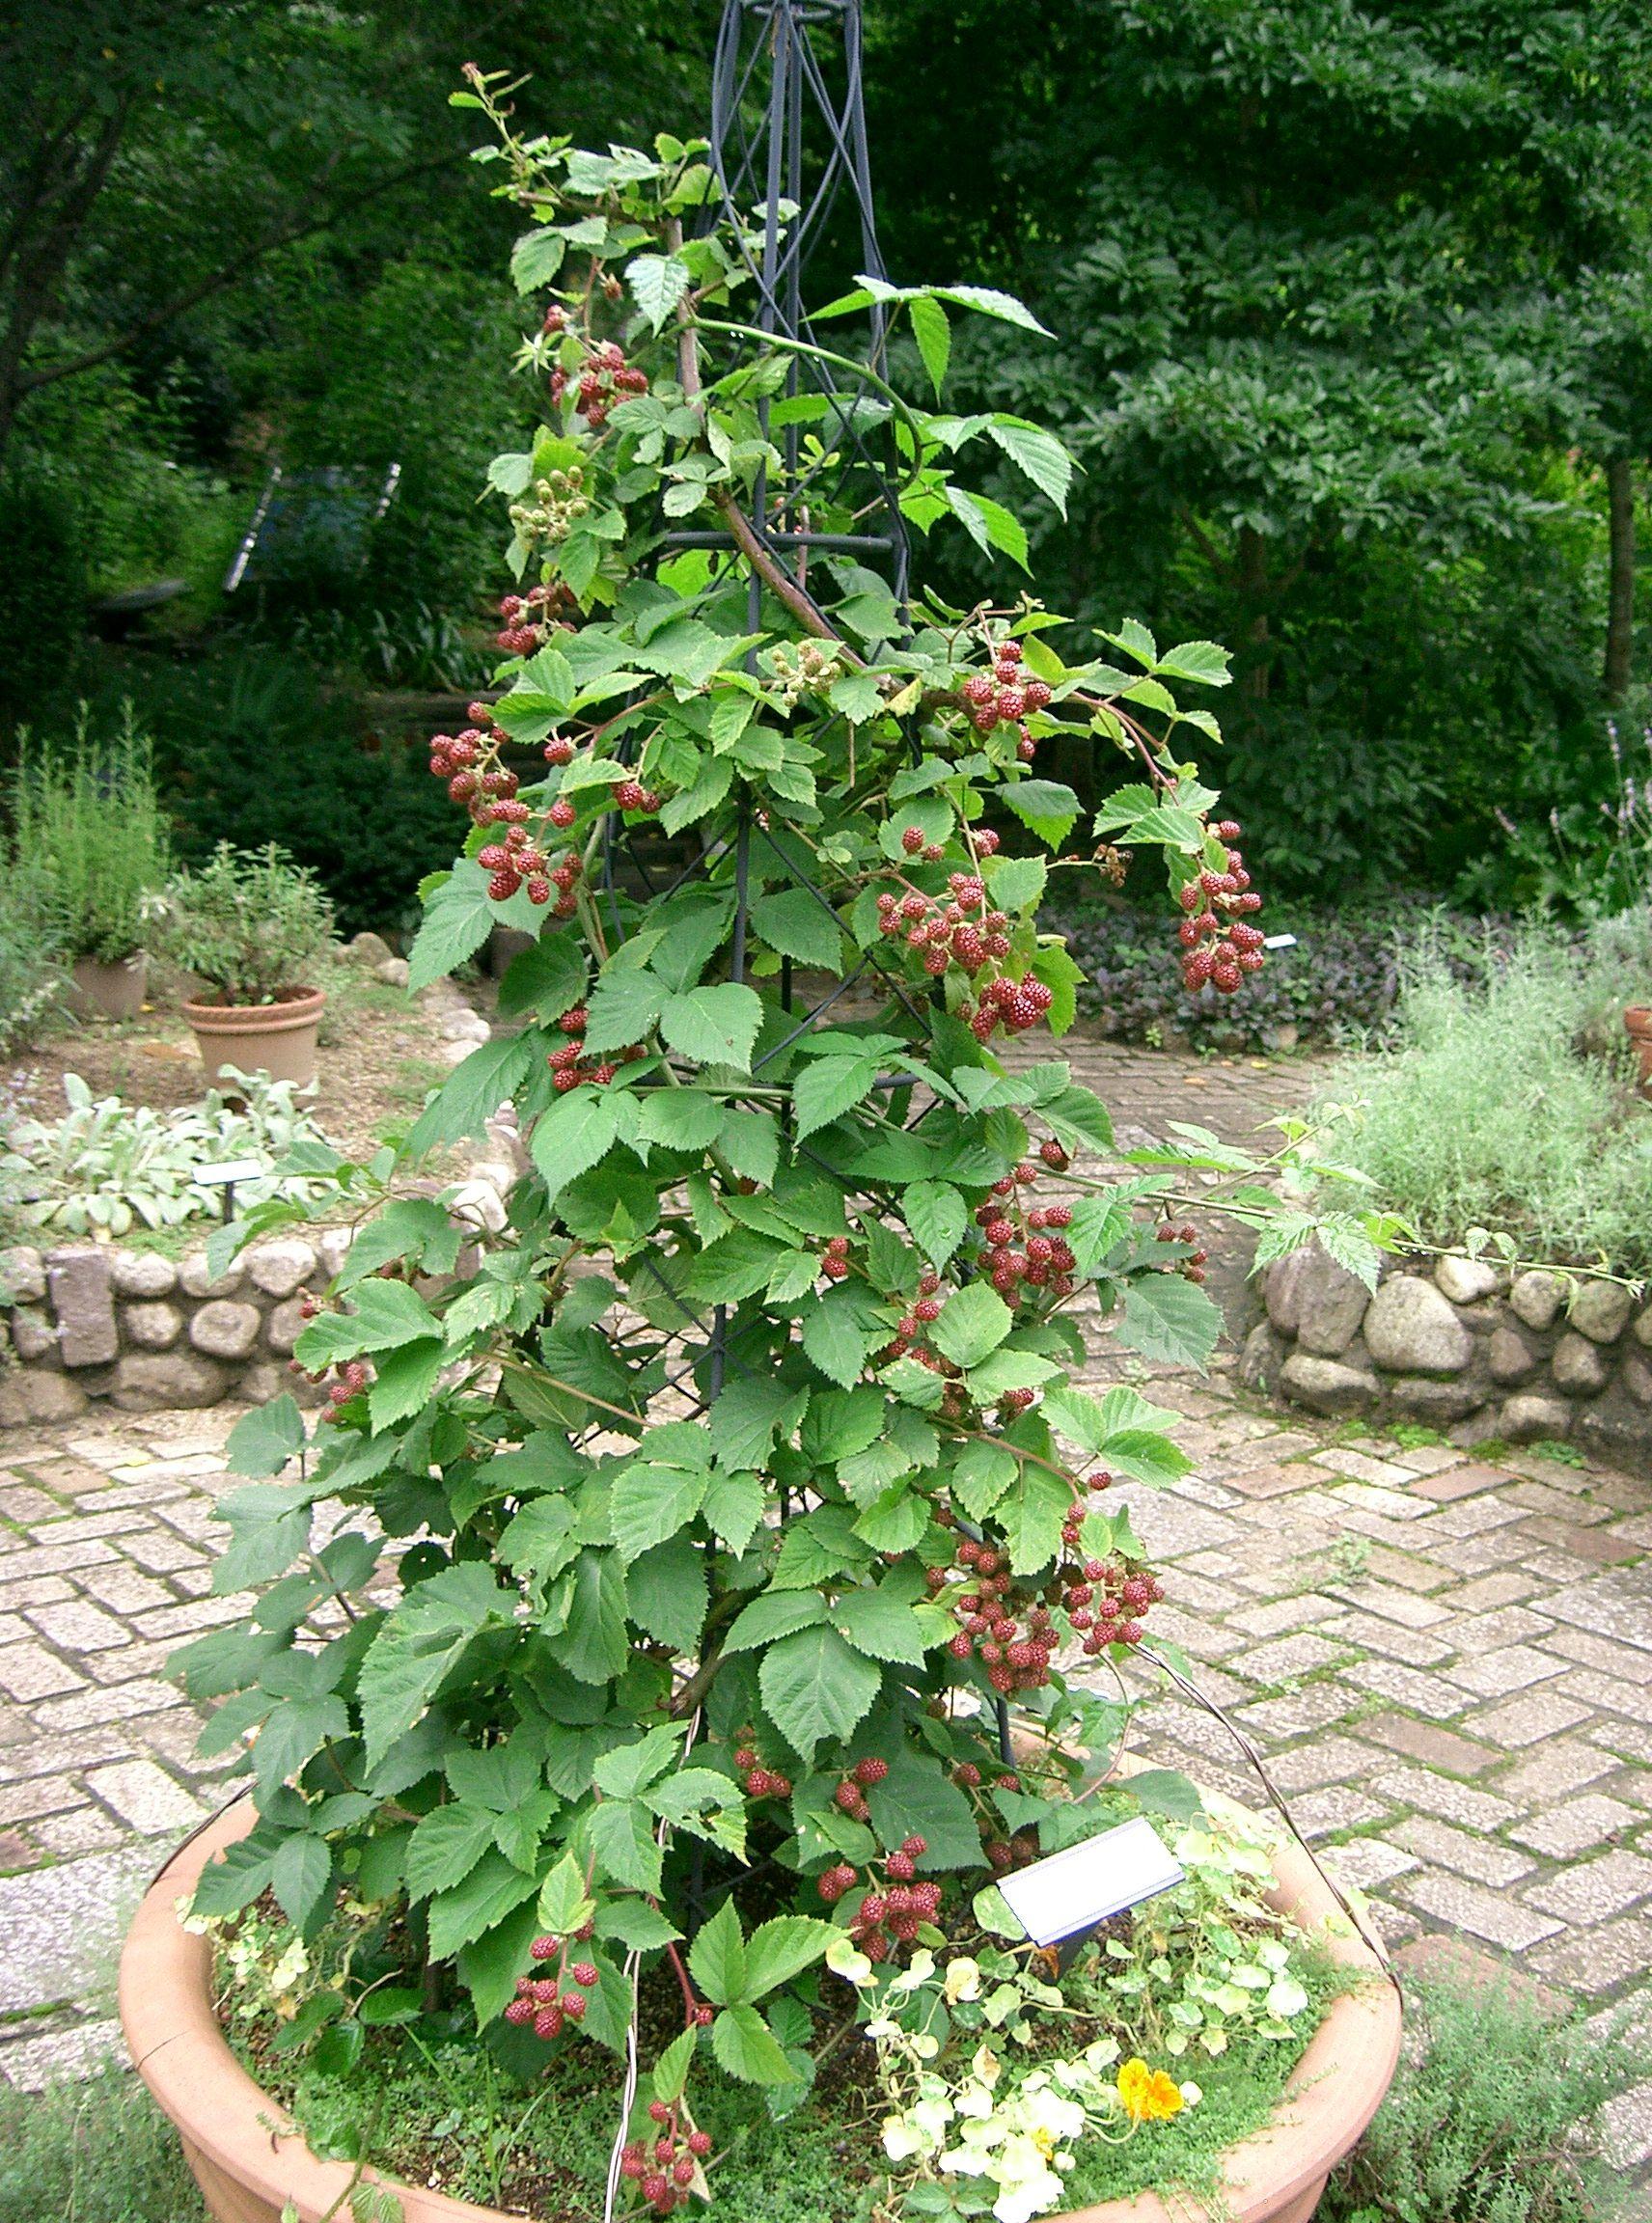 Depiction of Rubus fruticosus